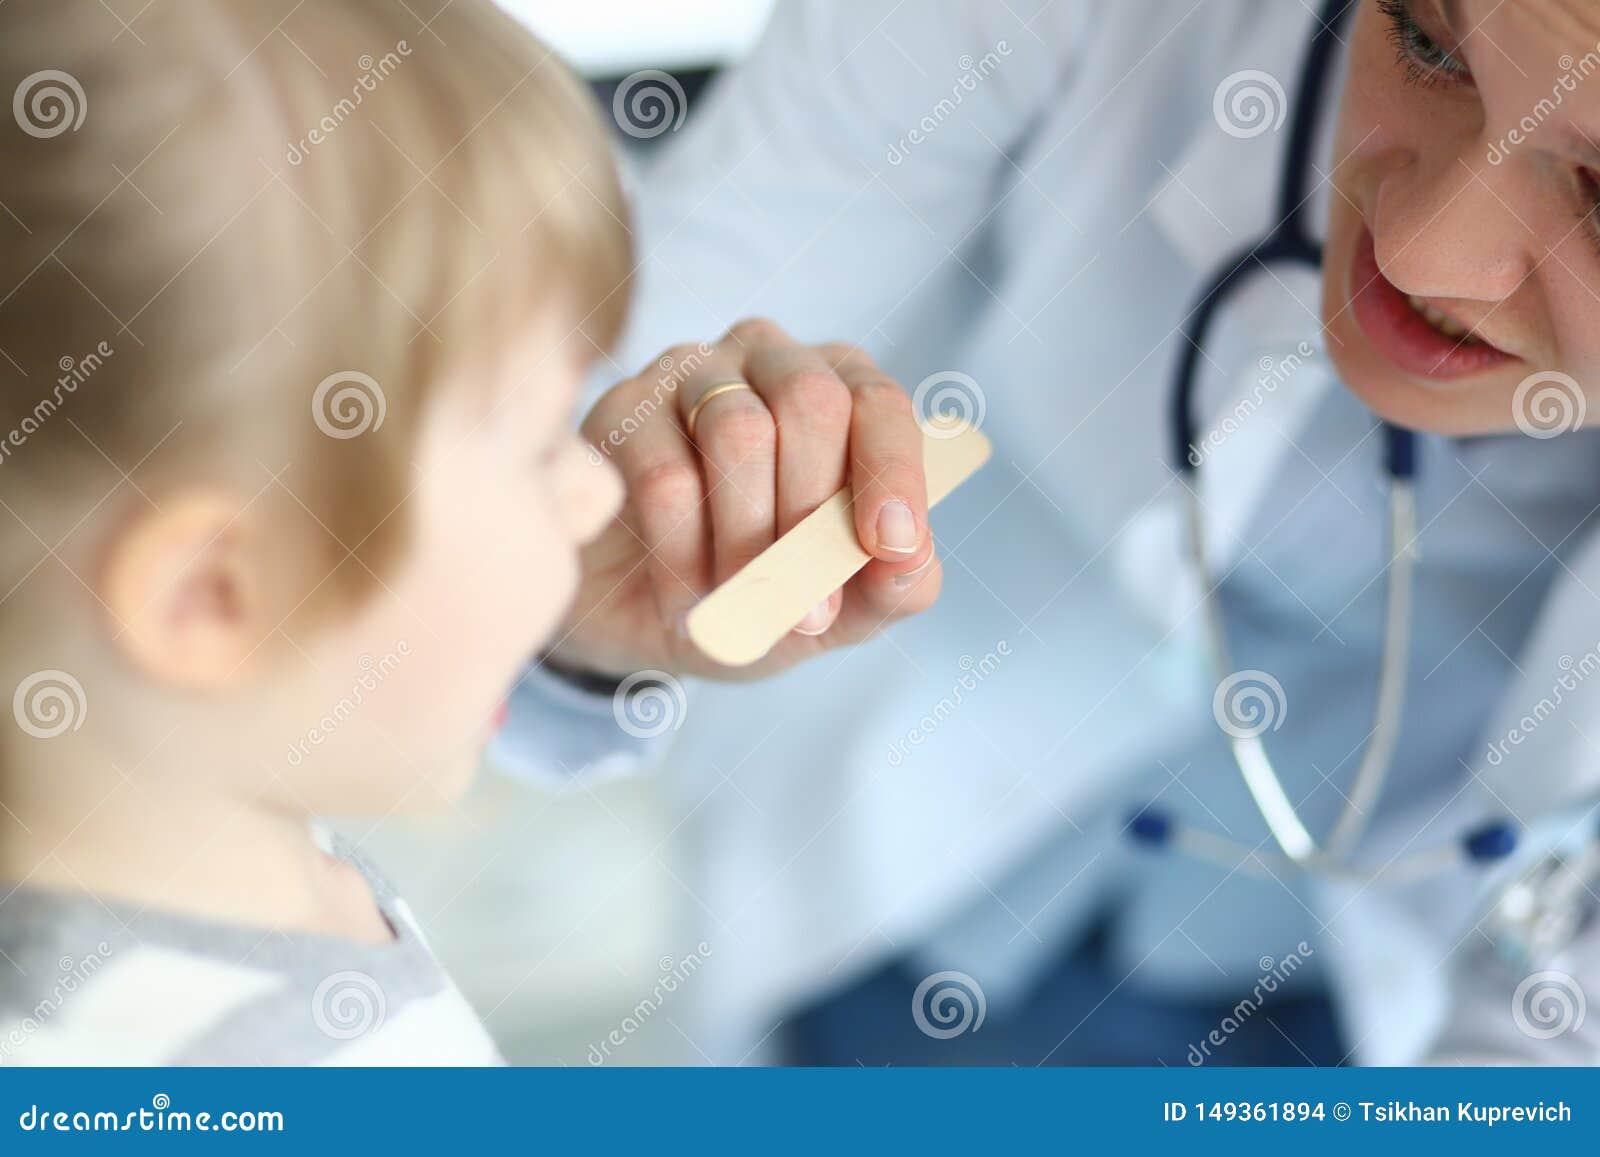 ?e?ski paediatrician egzamininuje ma?ego dziecka cierpliwego gard?o z drewnianym kijem